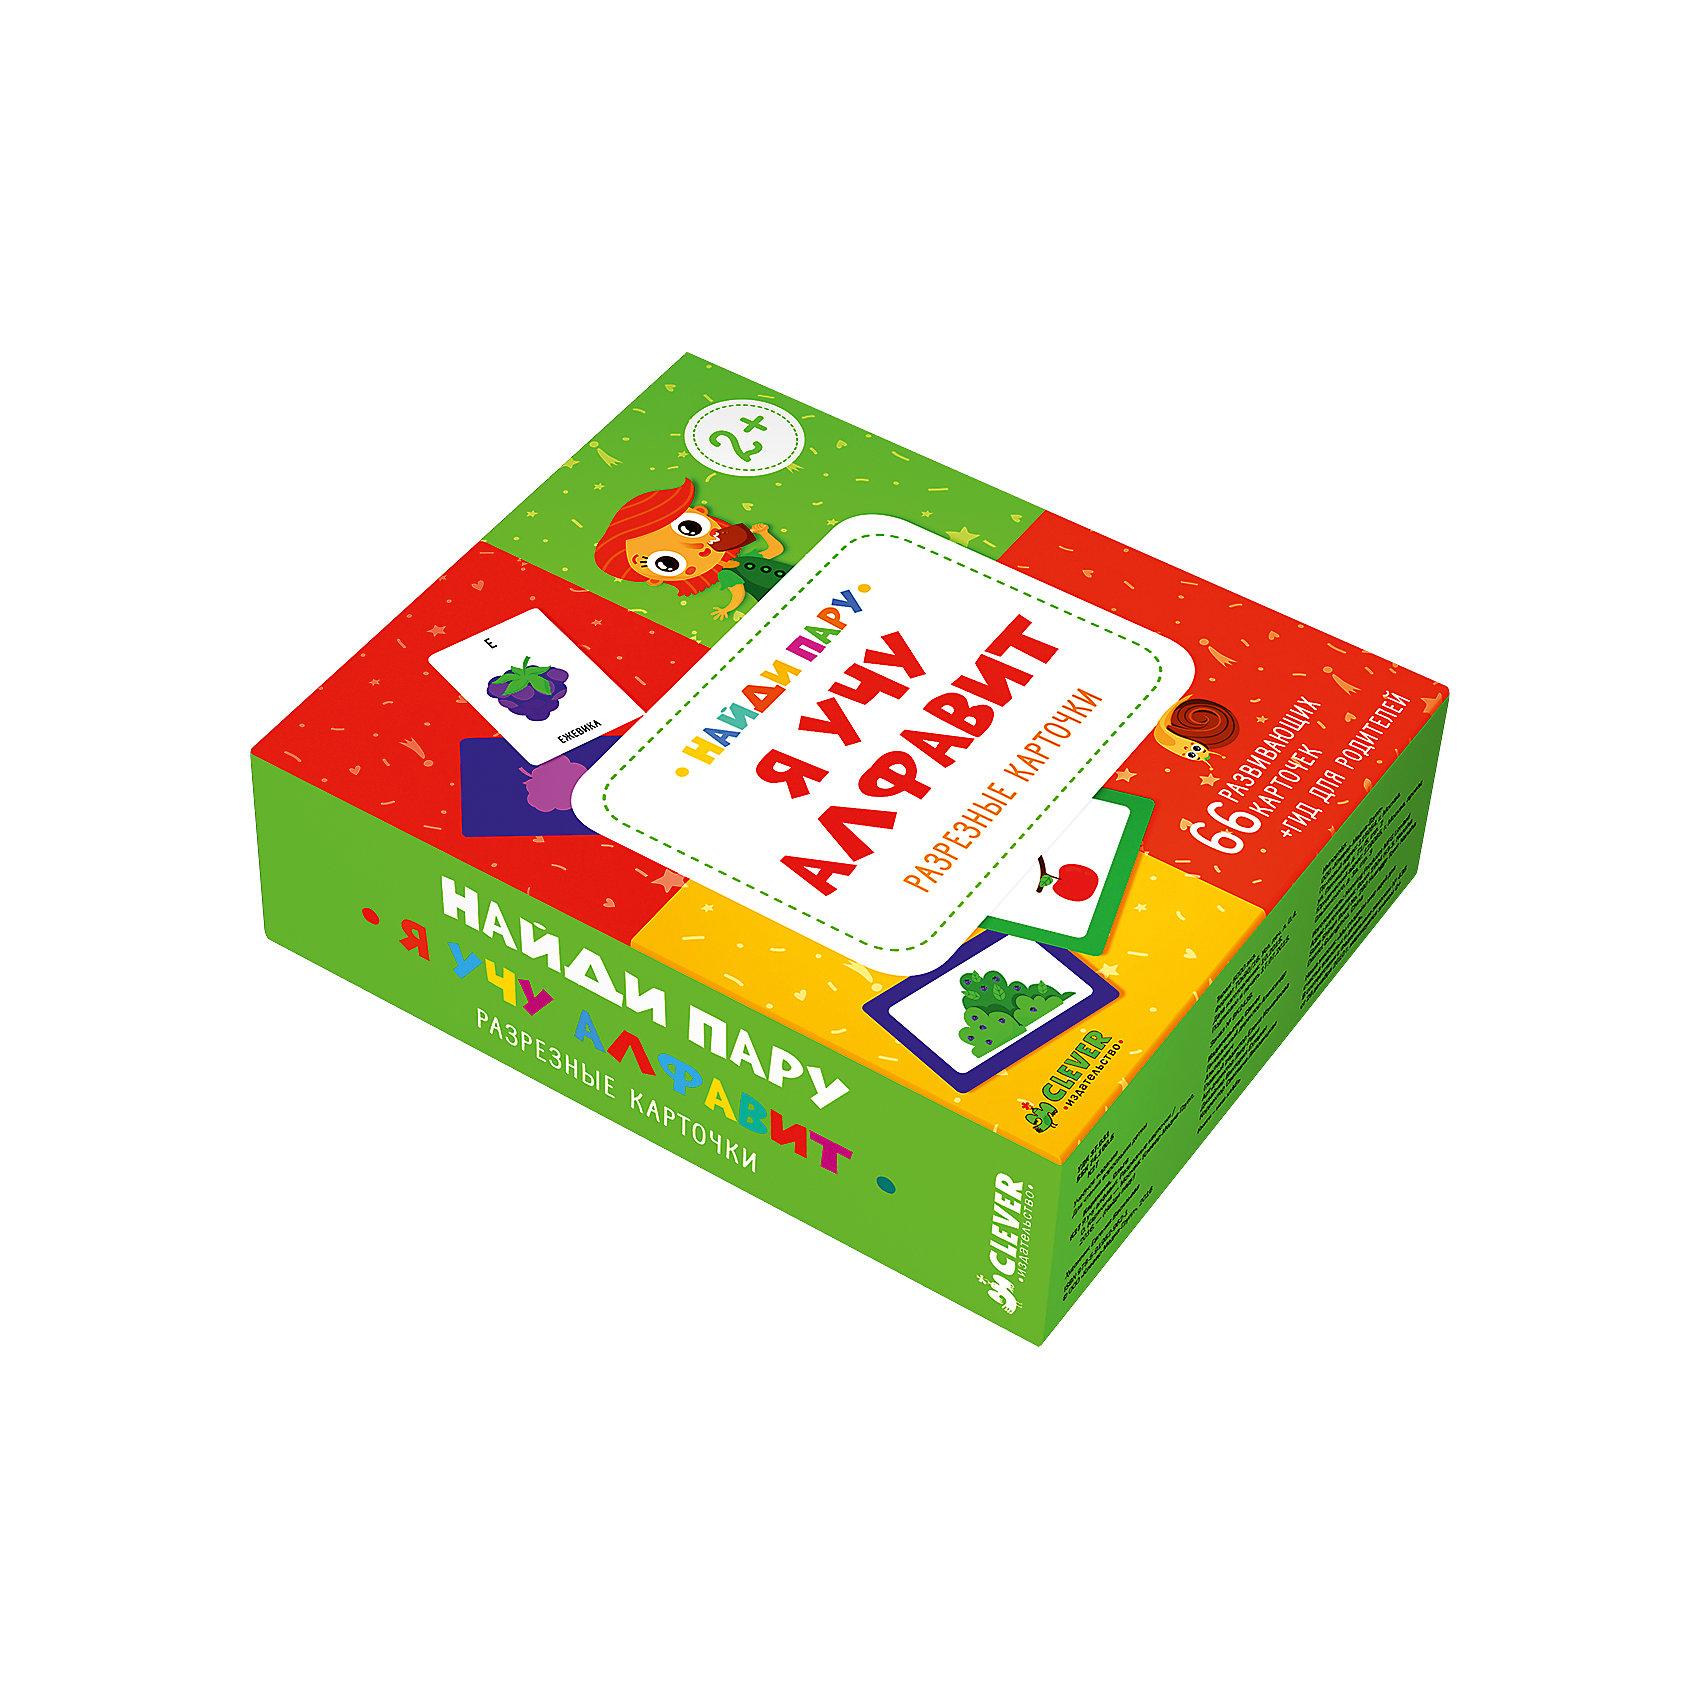 Разрезные карточки Я учу алфавит, О. КарякинаАзбуки<br>Карточки - очень удобная форма для запоминания нового! Интеллект и словарный запас ребенка нужно развивать - и тогда он в дальнейшем сможет освоить больше полезных навыков. Сделать это занятие интересным и легким поможет данное издание.<br>В нем с помощью ярких картинок и их силуэтов можно легко познакомить ребенка со многими предметами, дать ему поток новых слов и выражений. Тажке с помощью собирания разрезных карточек в игровой форме ребенок получает знания в игровой форме. Он сможет легко запомнить буквы! Карточки - плотные листы с красочными изображениями, которые малыши с удовольствием рассматривают. Это издание пригодятся для тех, кто хочет вырастить гармоничного человека.<br><br>Дополнительная информация:<br><br>размер: 17 x 15 см;<br>карточек: 66;<br>специально для малышей.<br><br>Разрезные карточки Я учу алфавит, О. Карякина можно купить в нашем интернет-магазине.<br><br>Ширина мм: 167<br>Глубина мм: 145<br>Высота мм: 15<br>Вес г: 725<br>Возраст от месяцев: 0<br>Возраст до месяцев: 36<br>Пол: Унисекс<br>Возраст: Детский<br>SKU: 4976169